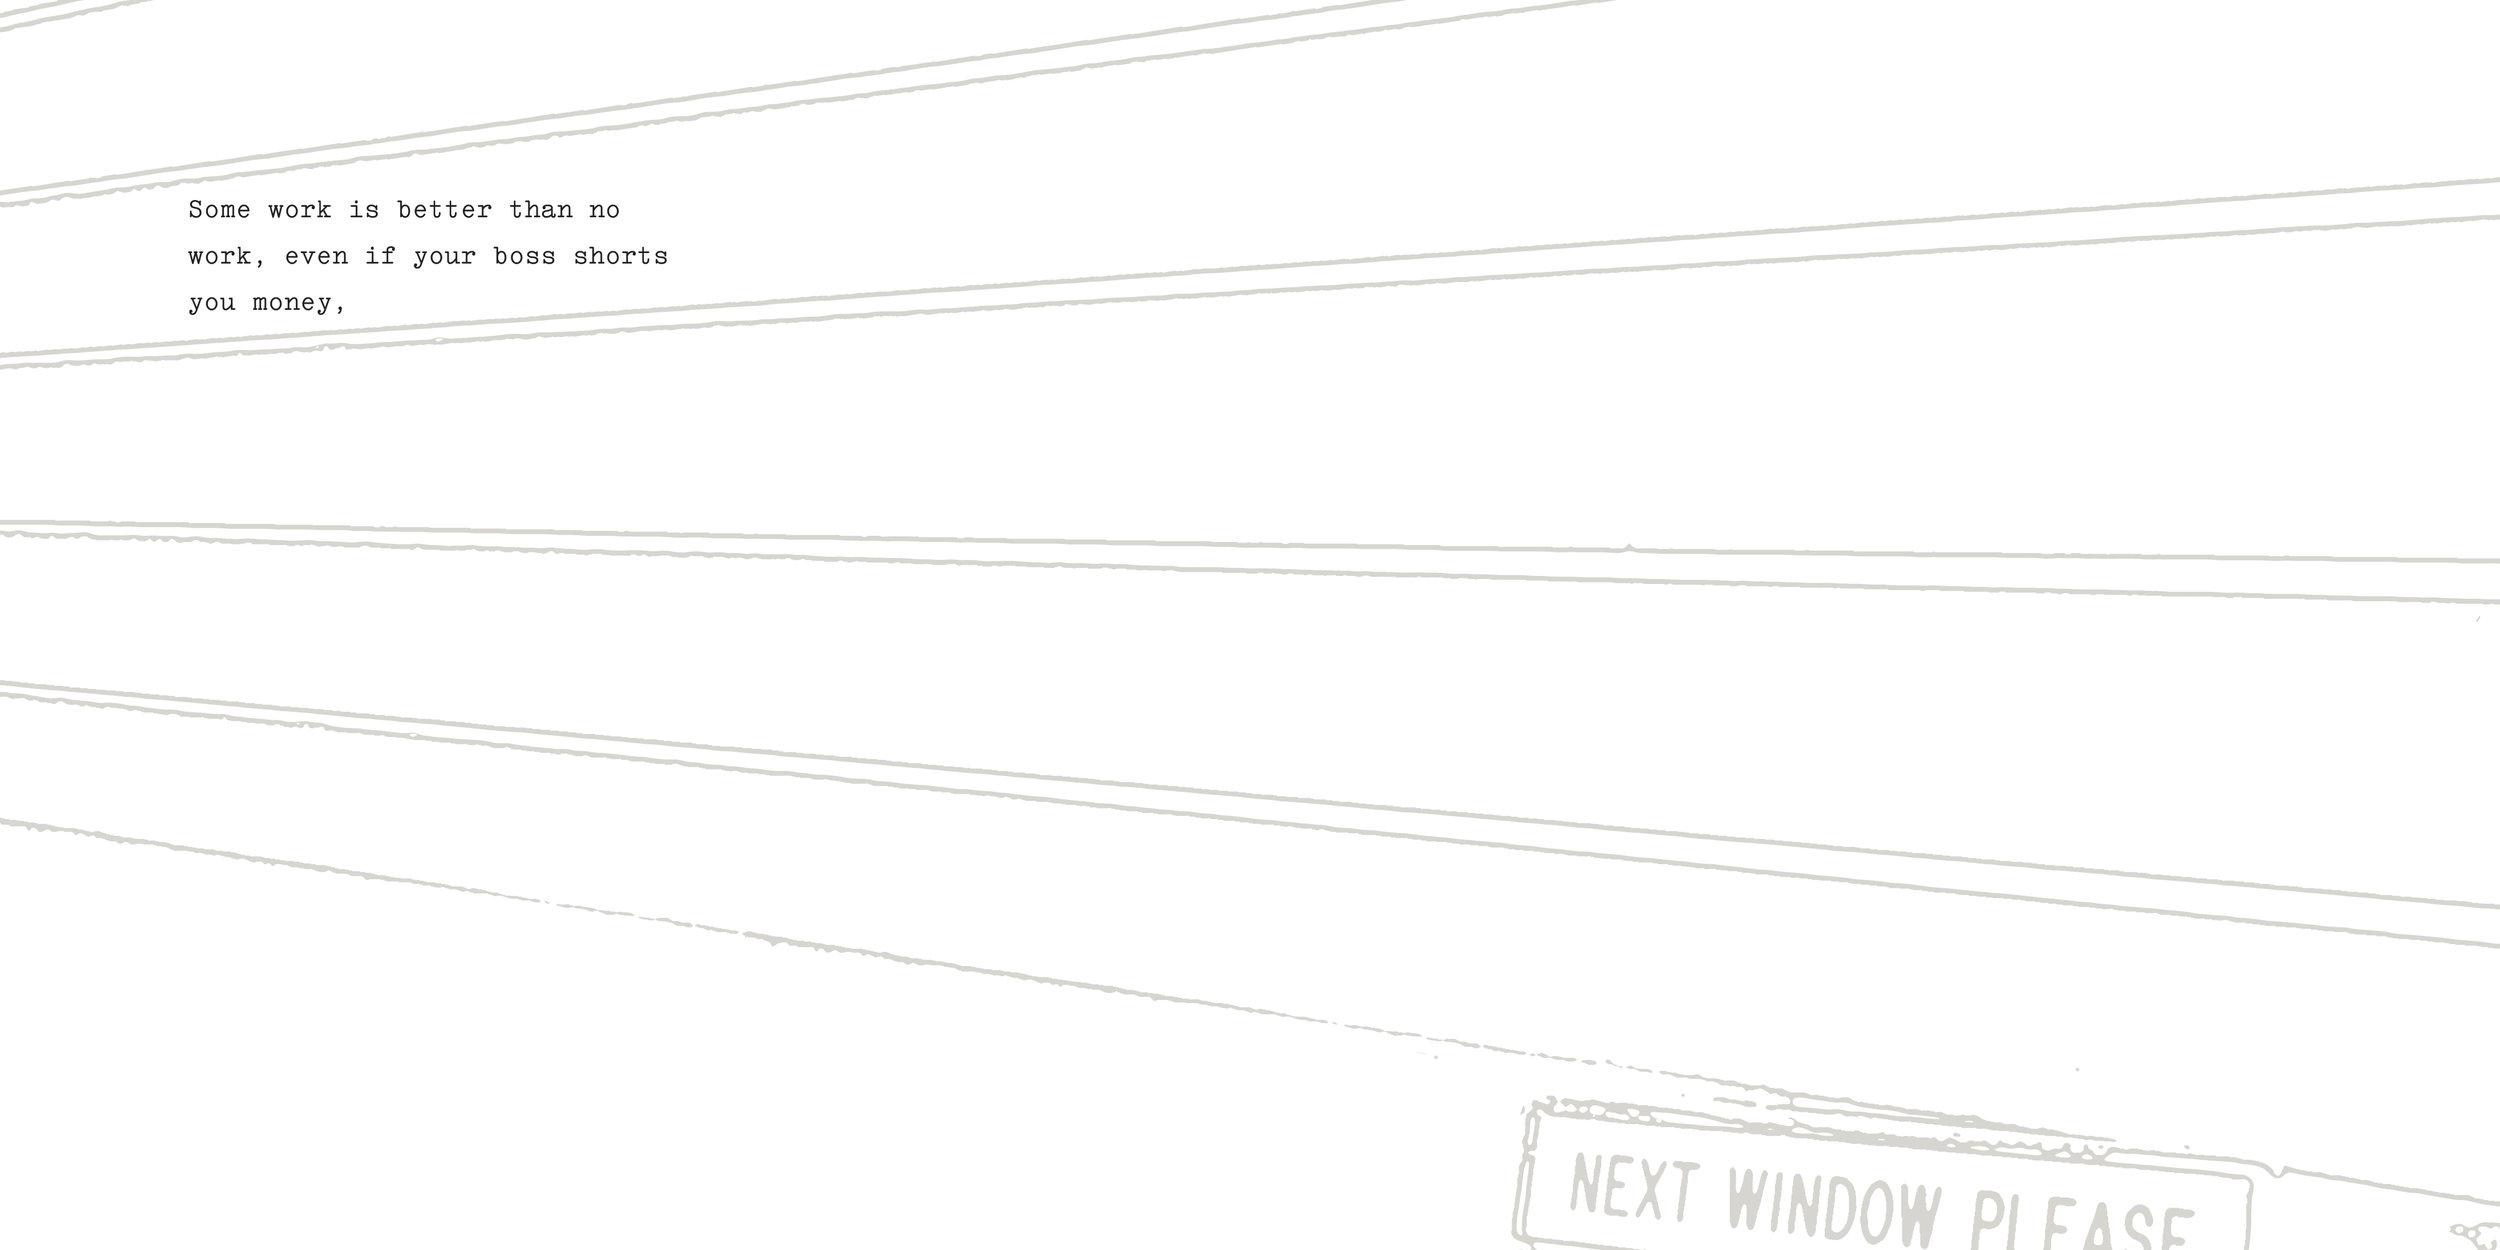 UATW-Interior-4-ej-23 copy.jpg